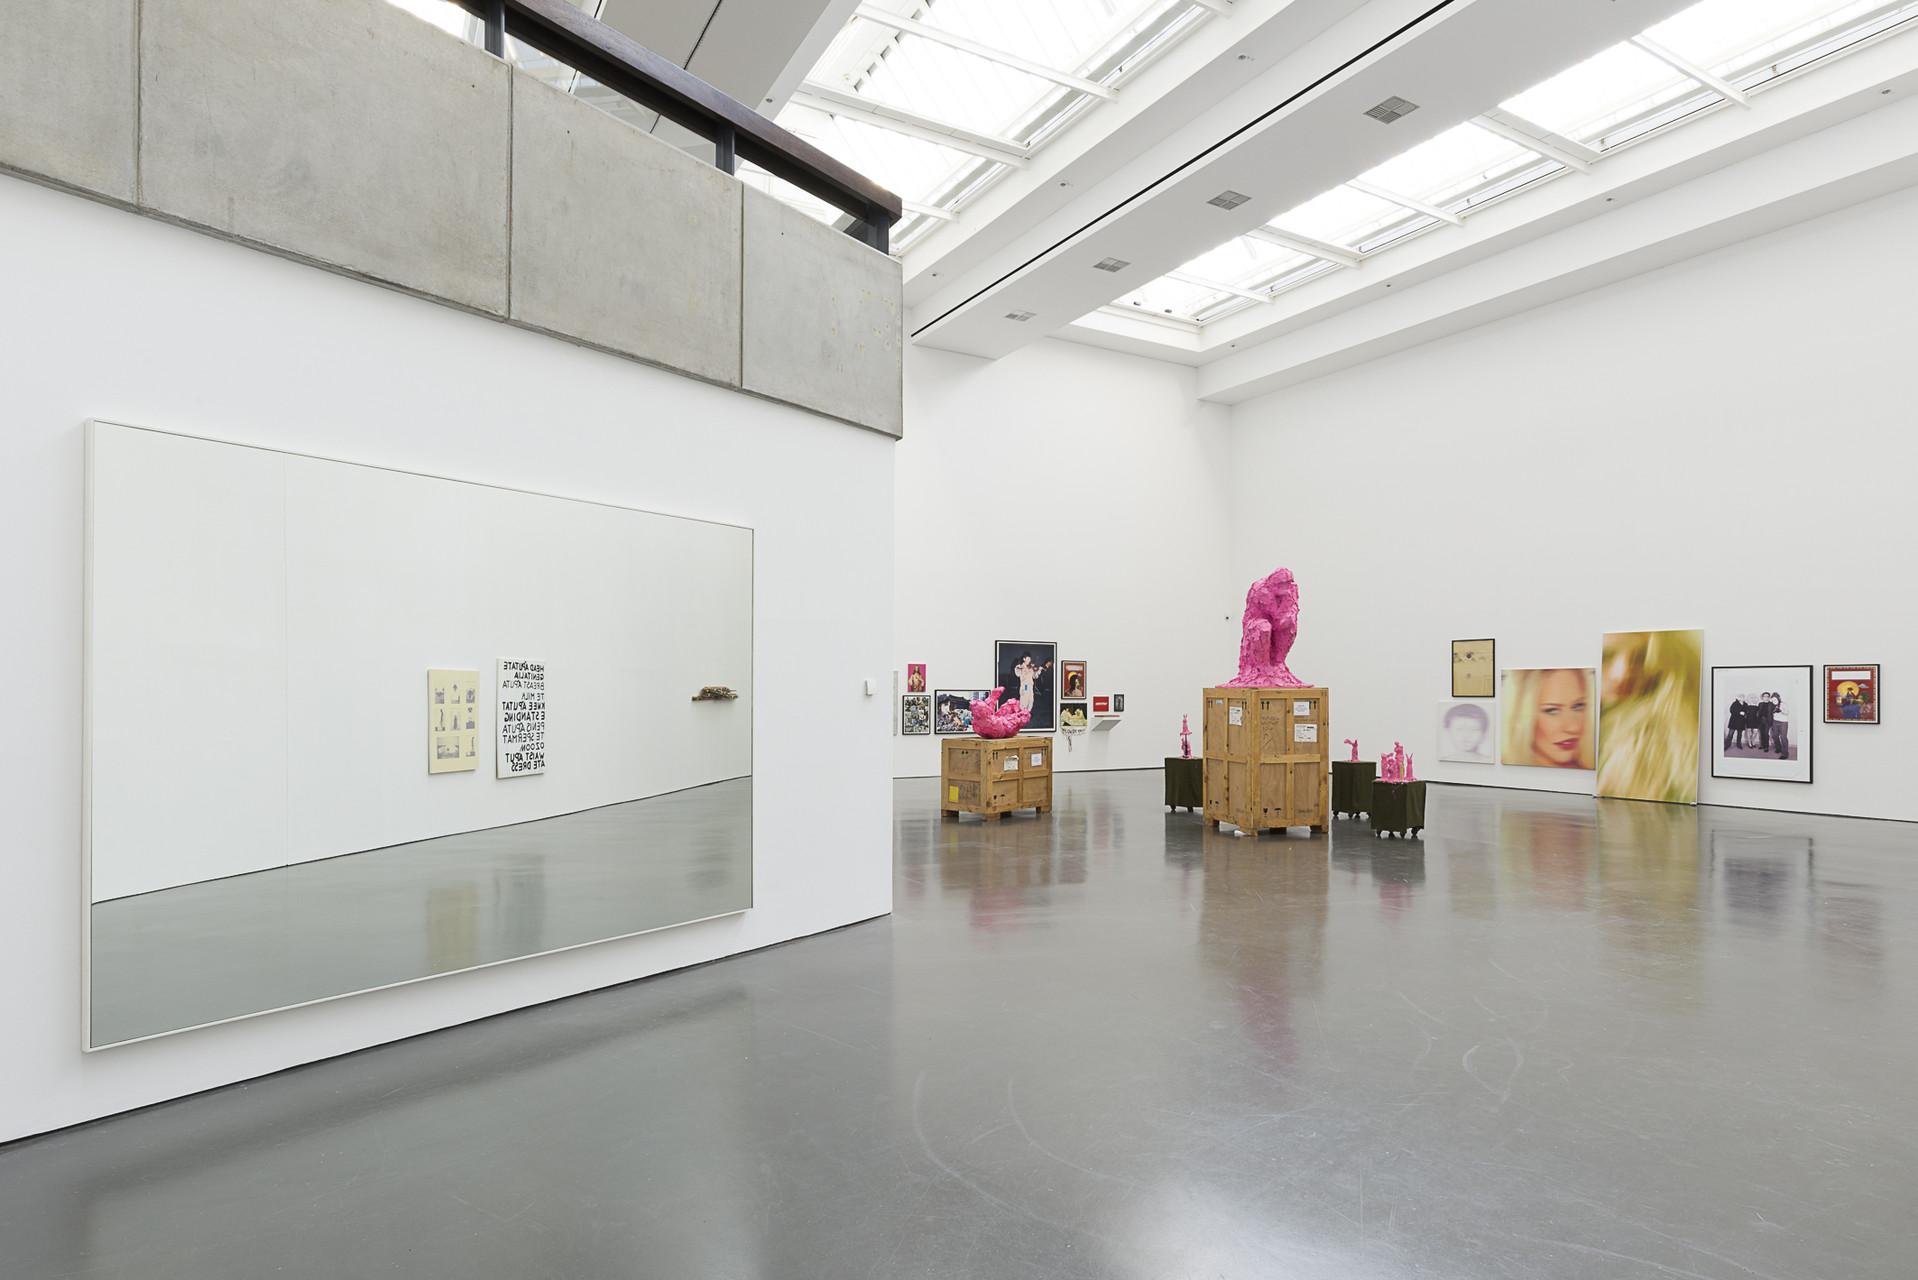 Cody Choi Installationsansicht 2 [6]